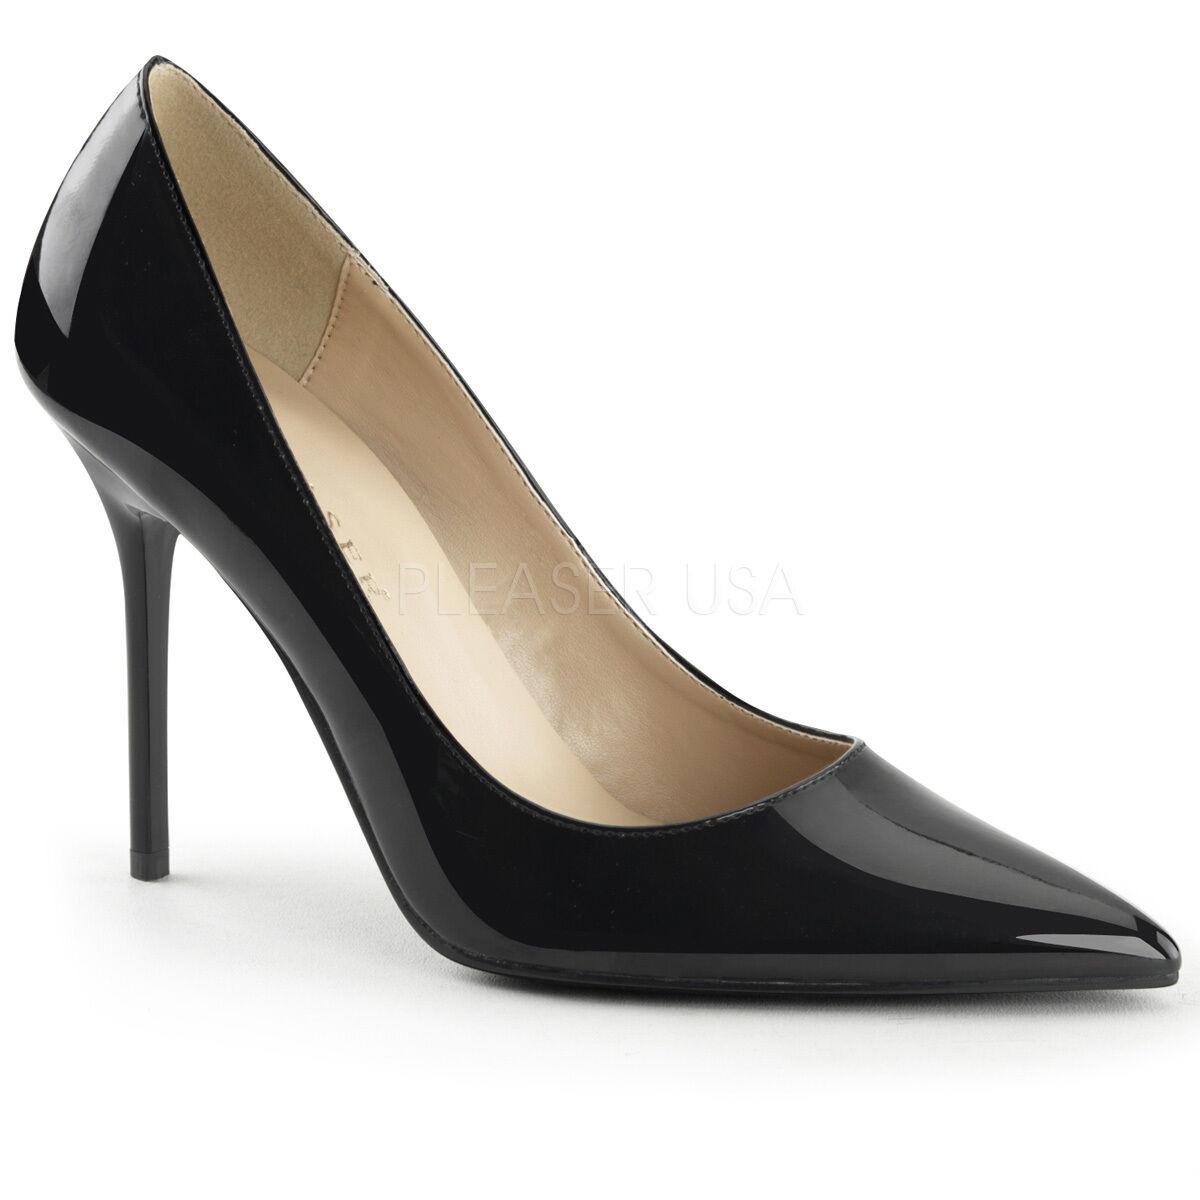 Bout Noir Pointu Classique classique Femmes Verni Pleaser 20 nFfg1EqxX